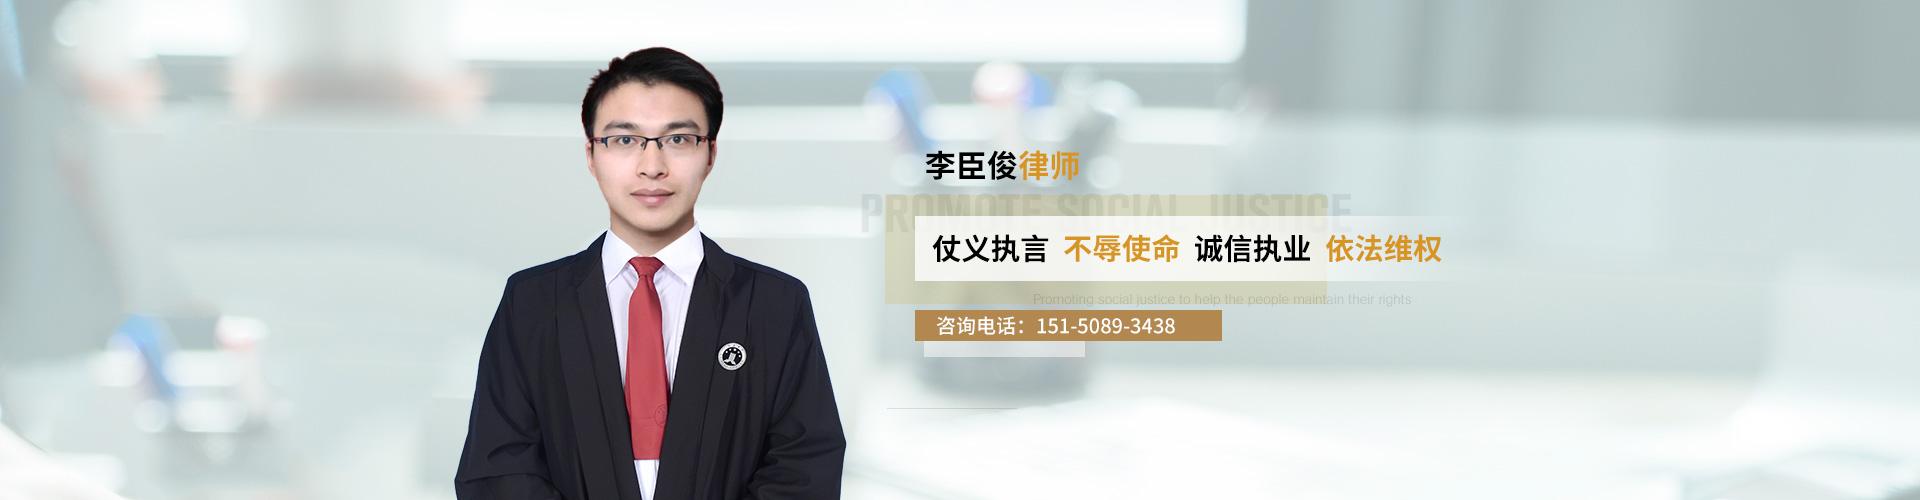 李臣俊律师